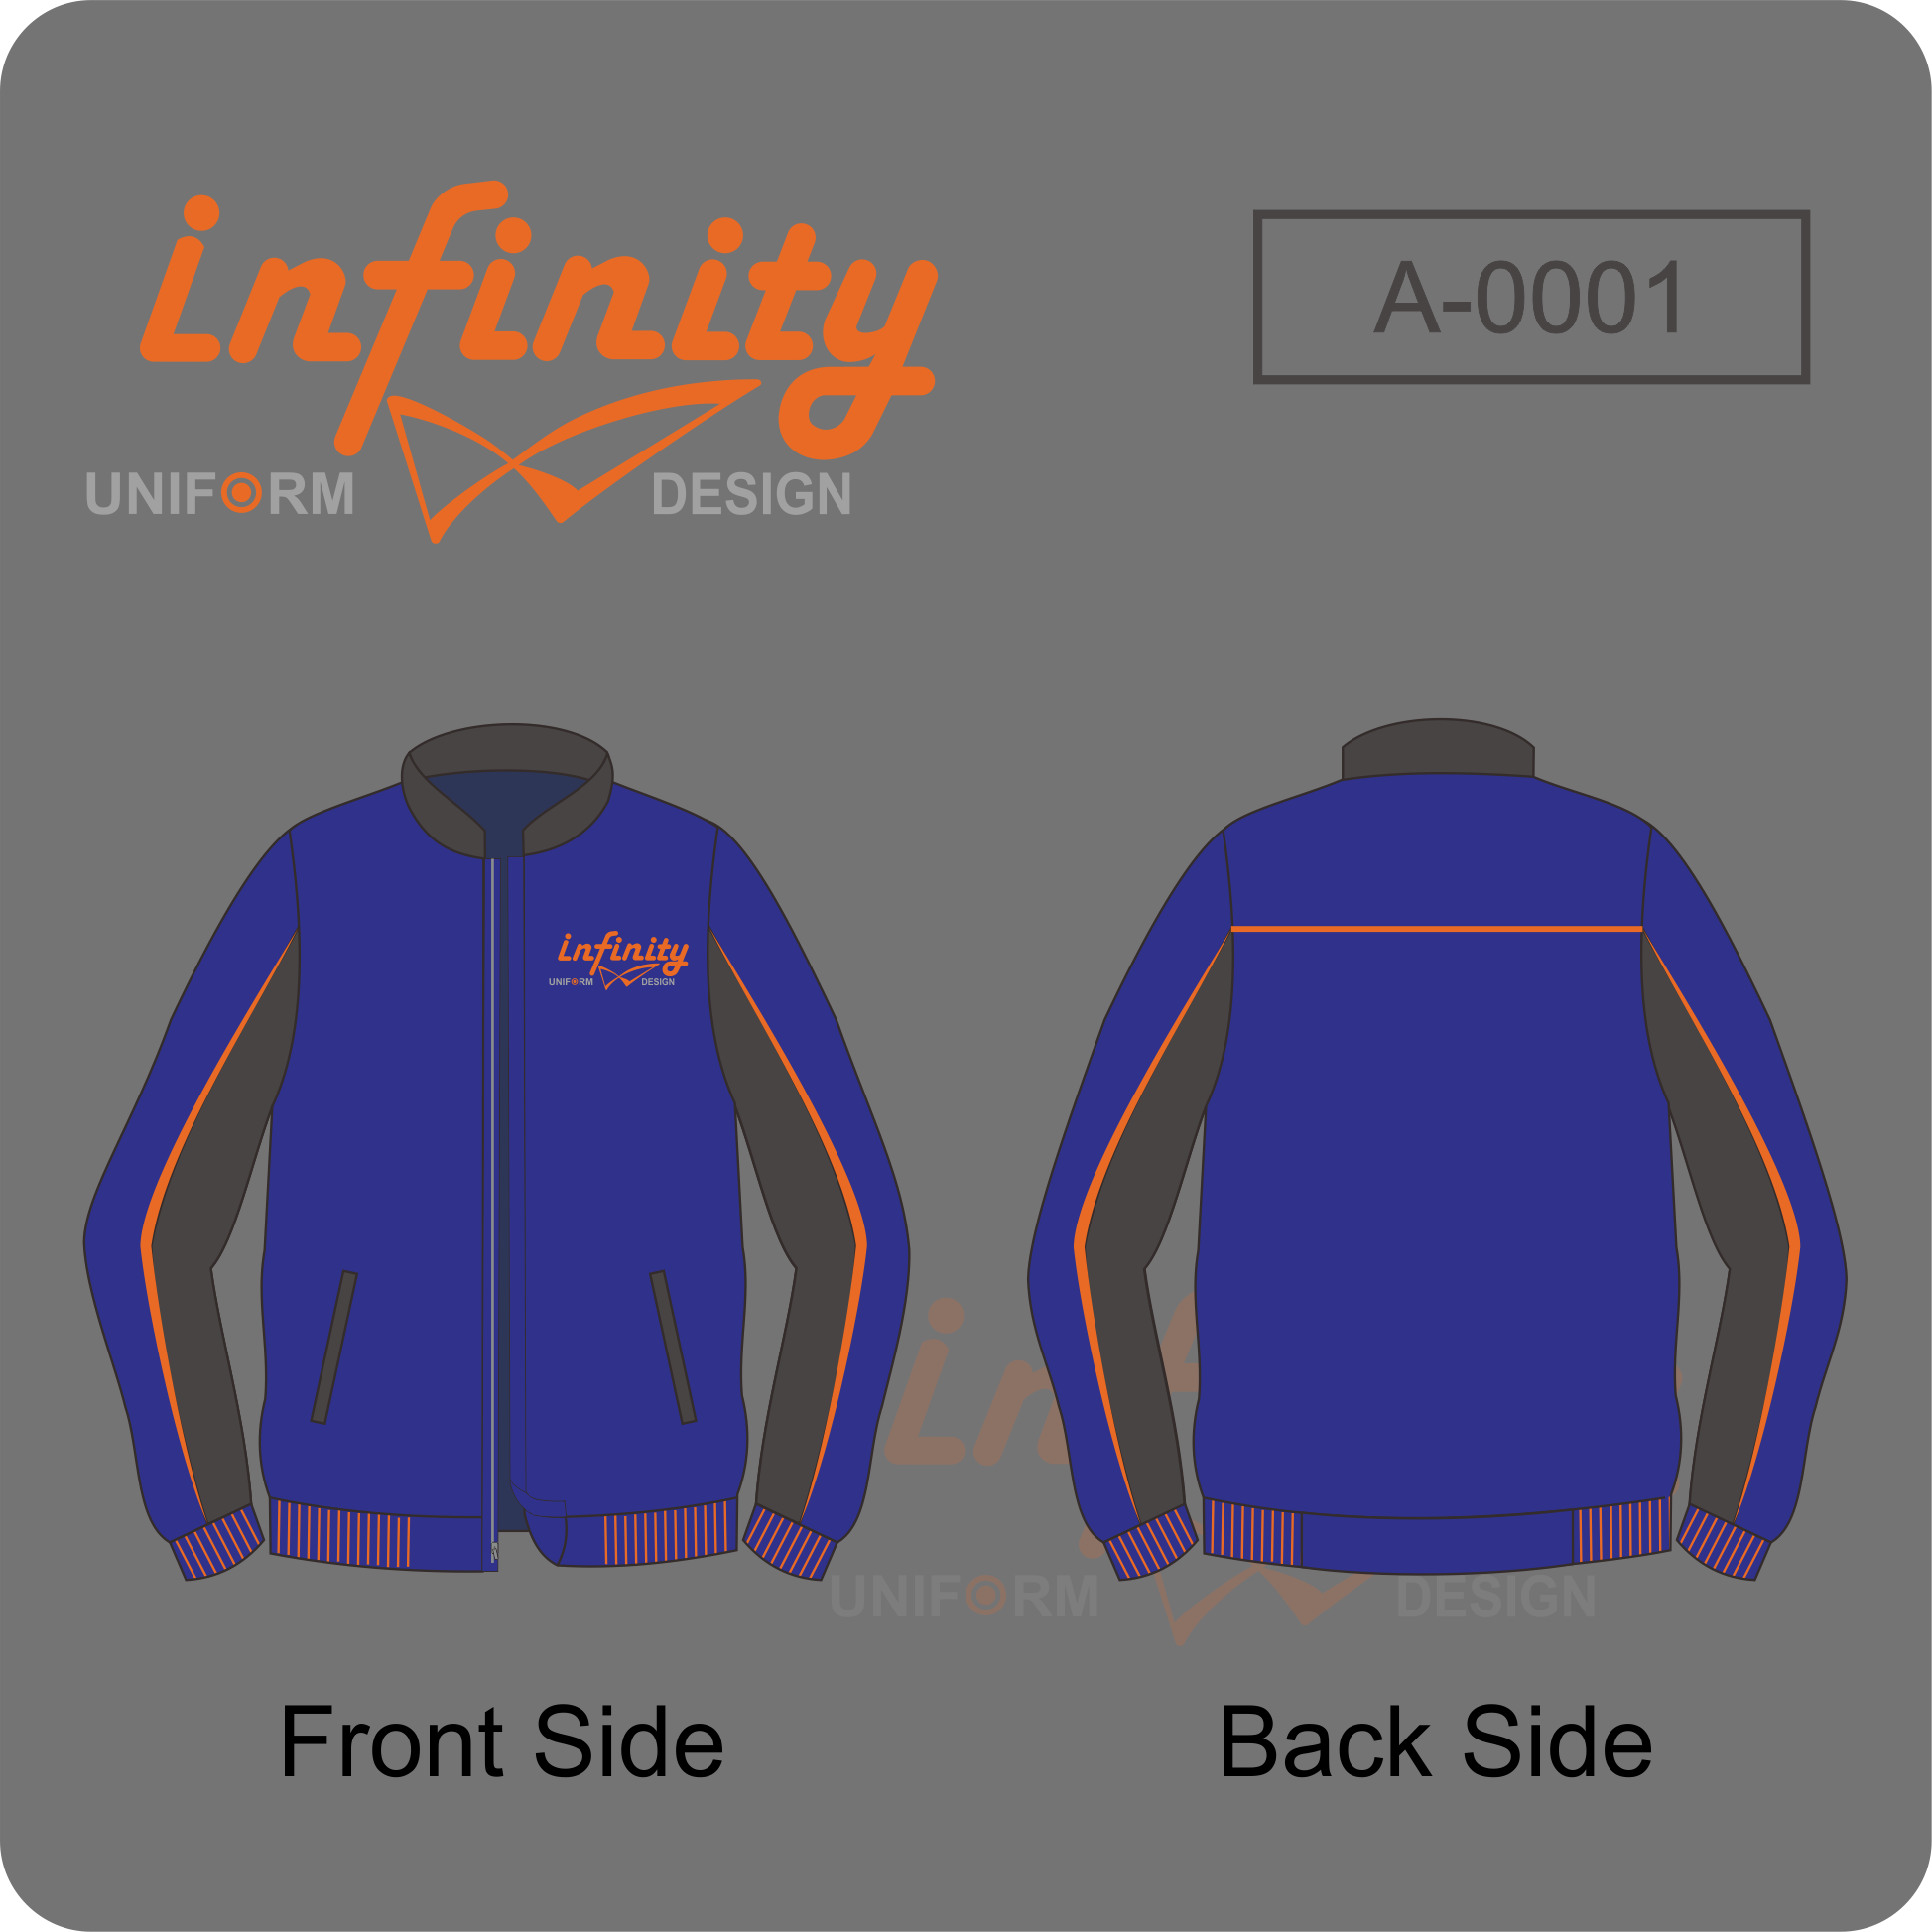 เสื้อแจ็คเก็ต รับสั่งผลิตเสื้อยูนิฟอร์ม เสื้อโปโล เสื้อยืด ชุดกีฬา ราคาถูก